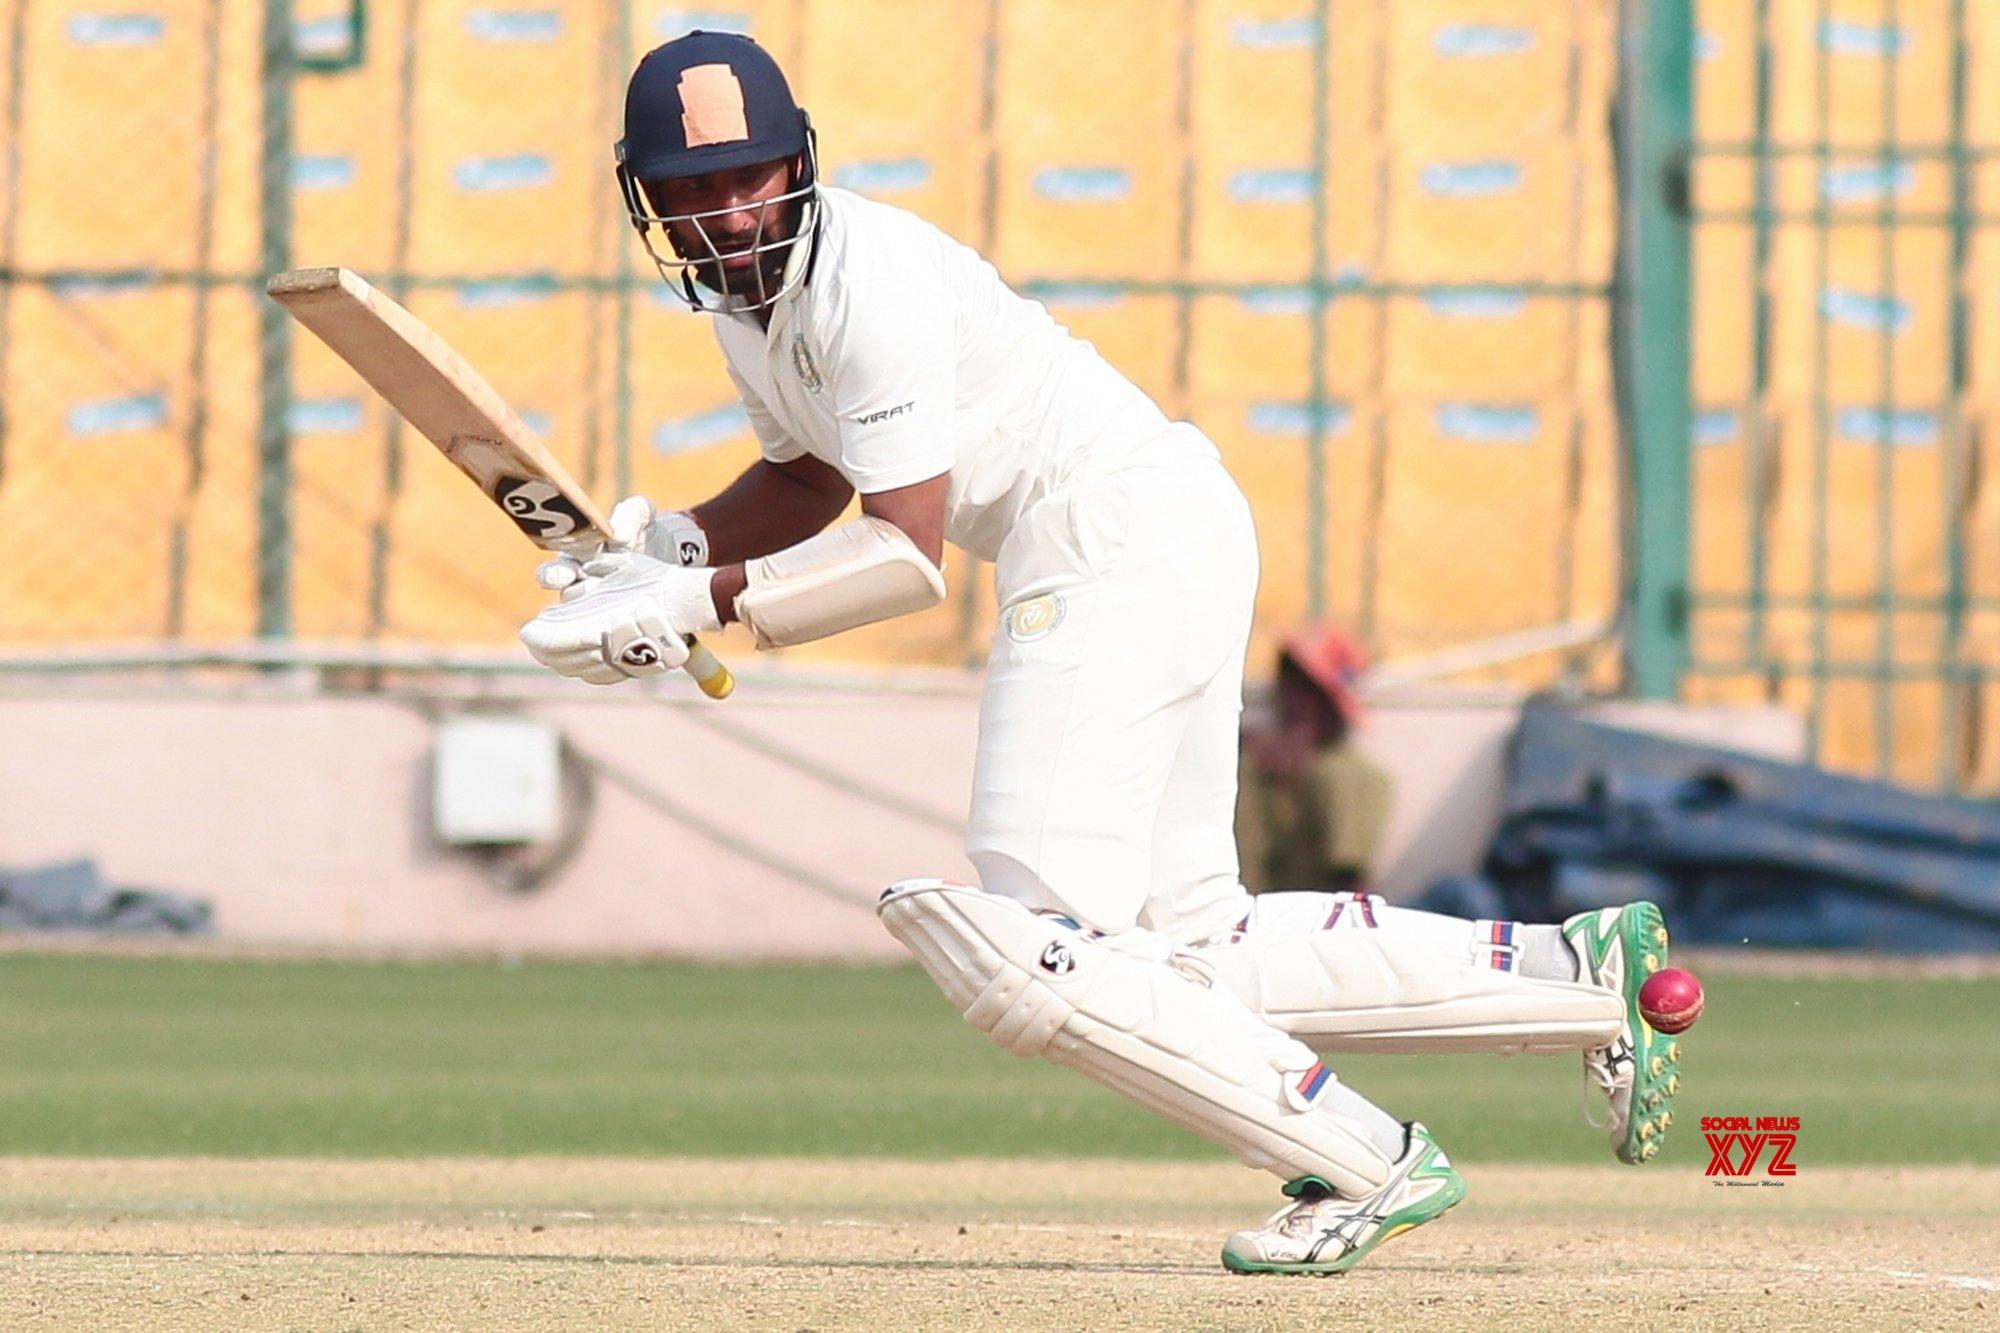 रणजी ट्रॉफी: रविंद्र जडेजा को नहीं मिली थी फाइनल खेलने की अनुमति, अब चेतेश्वर पुजारा पर आया फैसला 14